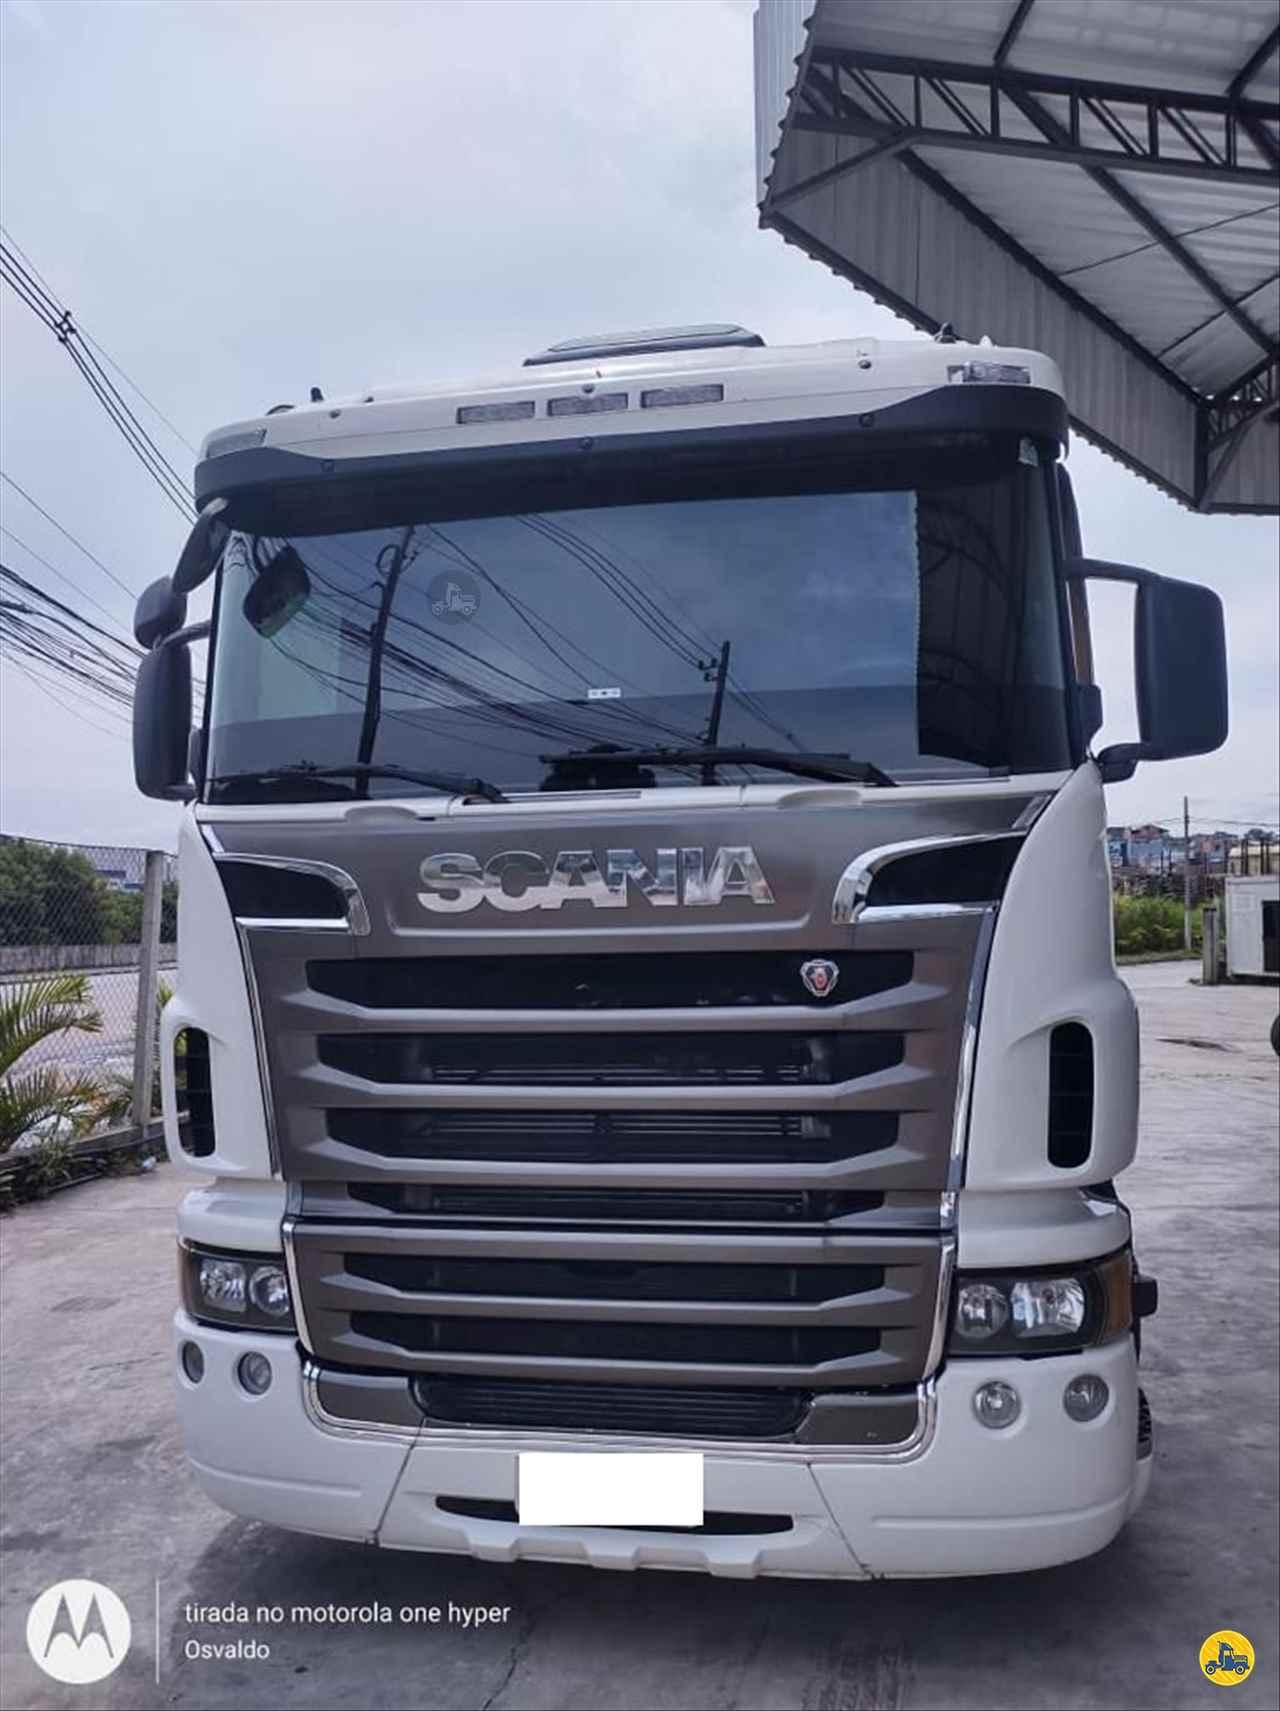 CAMINHAO SCANIA SCANIA 440 Cavalo Mecânico Truck 6x2 Wilson Caminhões RIBEIRAO PIRES SÃO PAULO SP